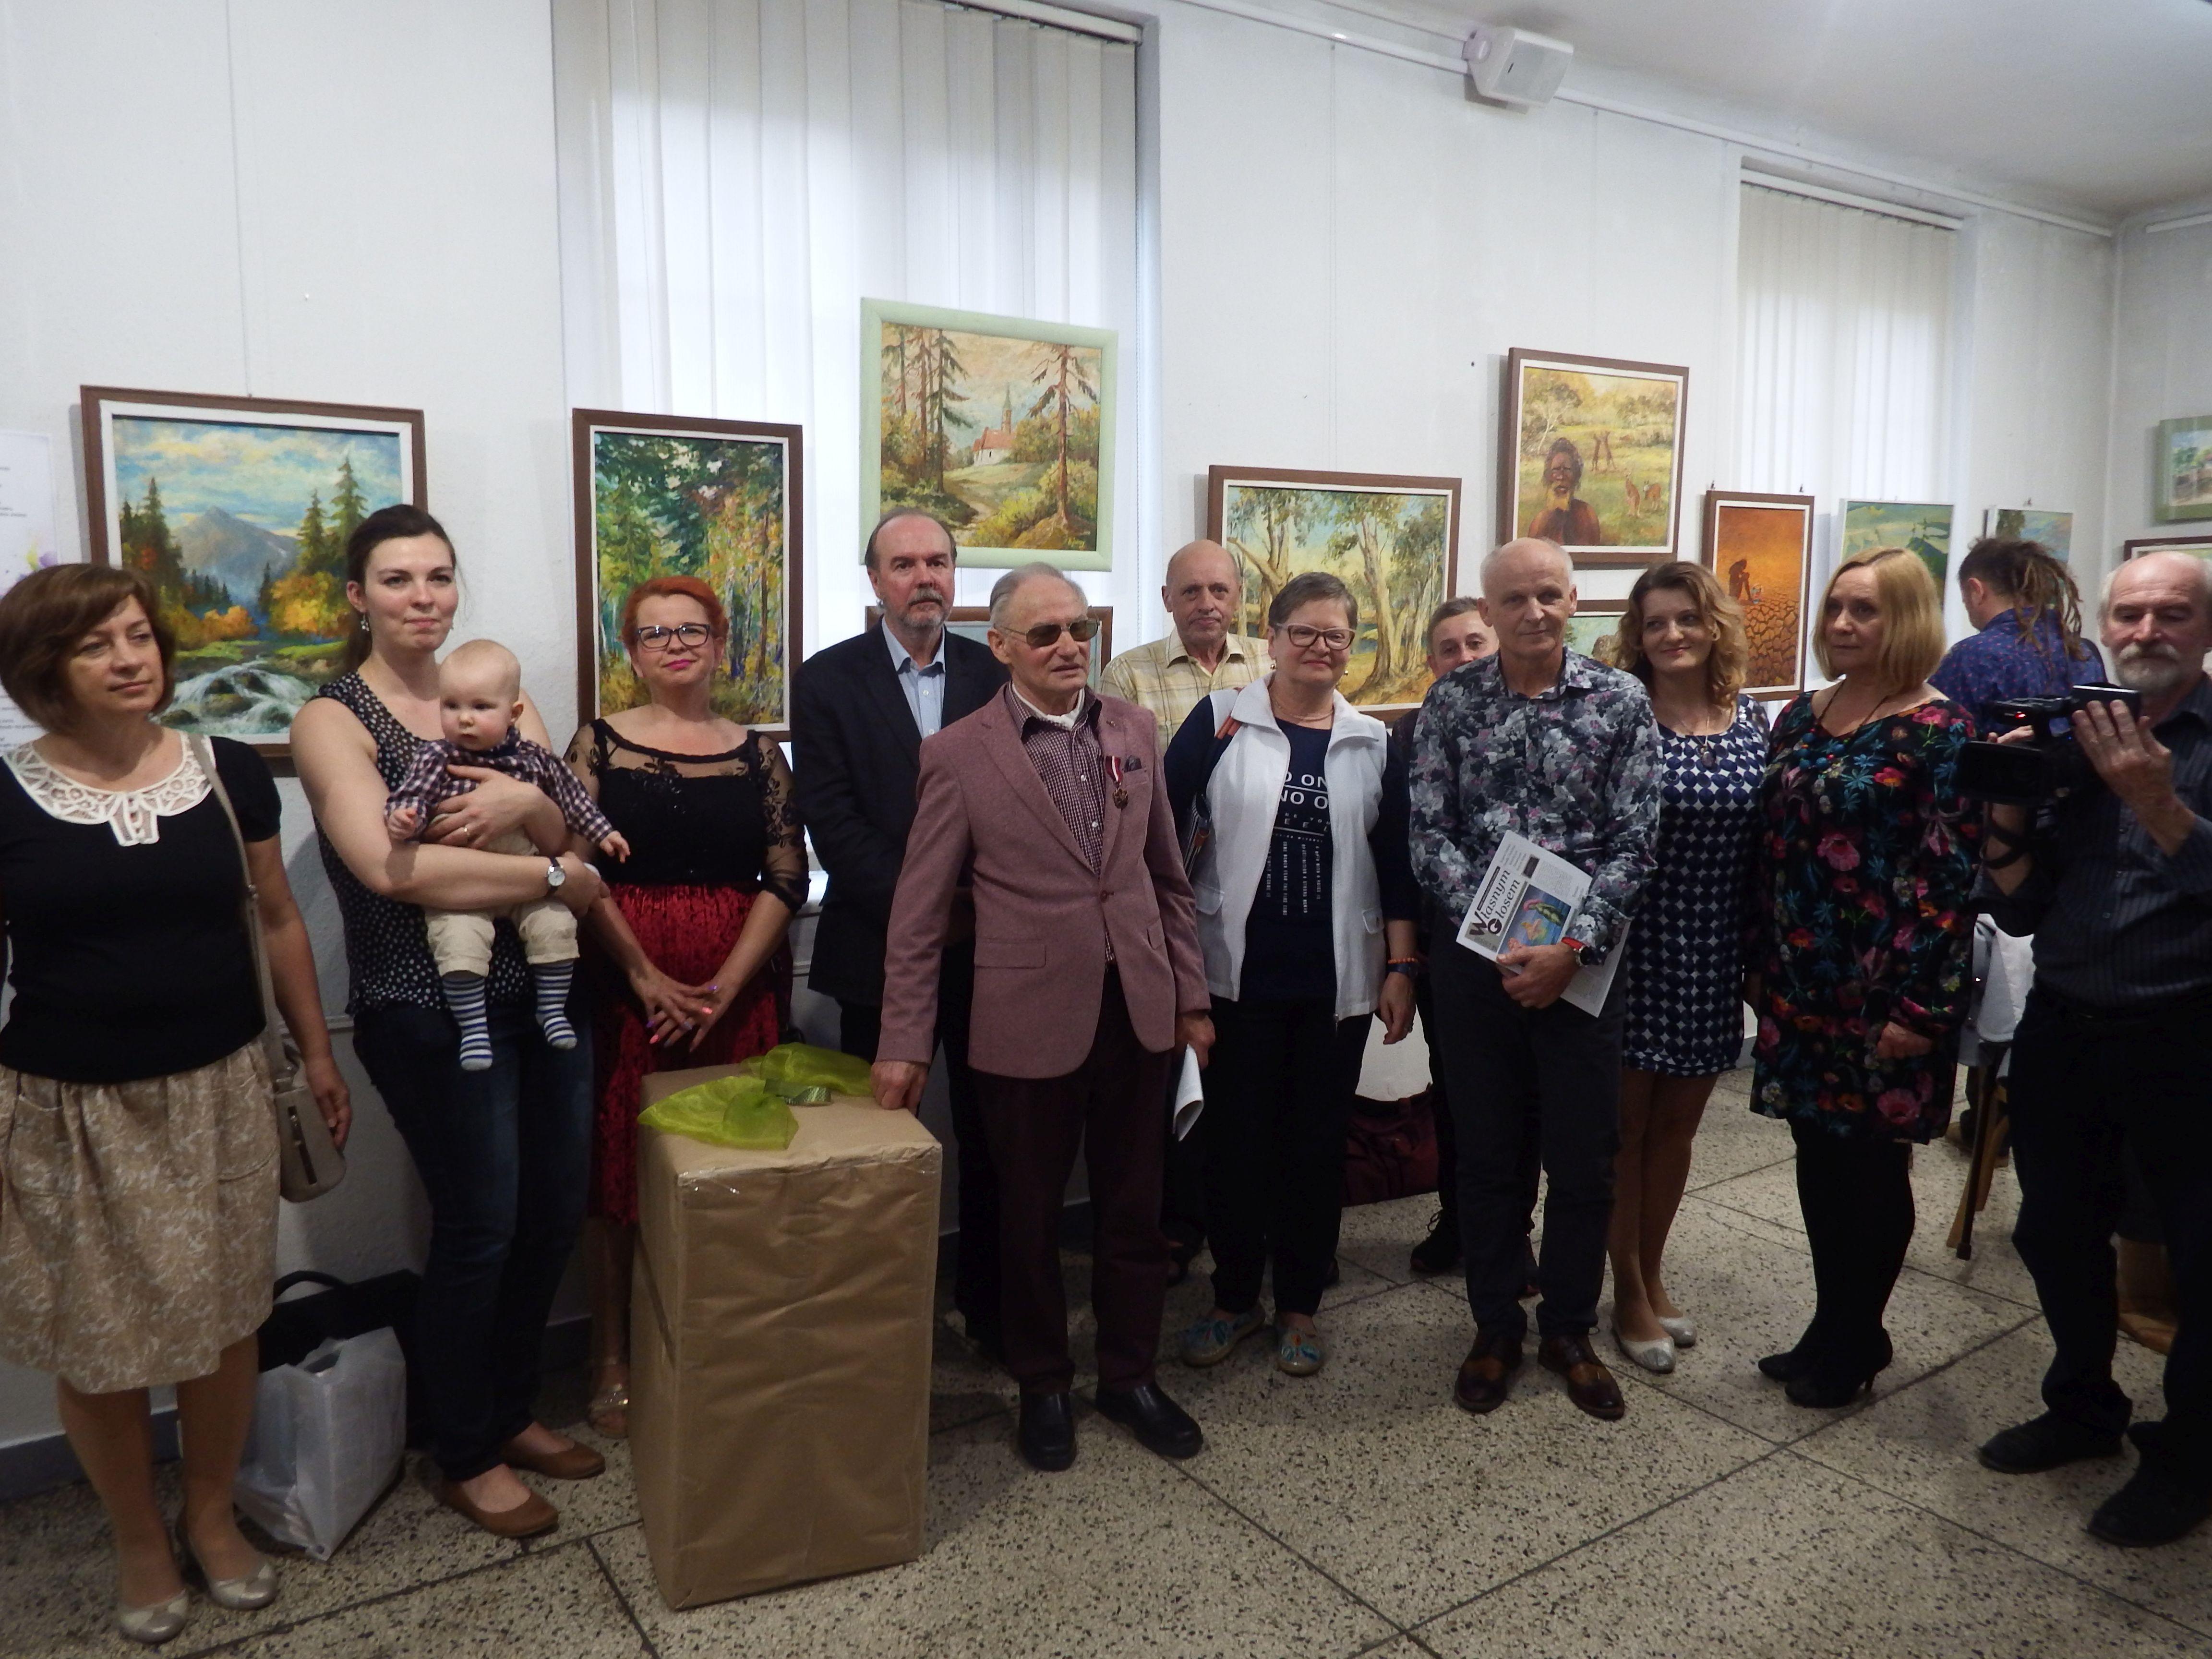 Wystawa obrazów Kazimierza Jończego. Jego prace można podziwiać na całym świecie [FOTO]